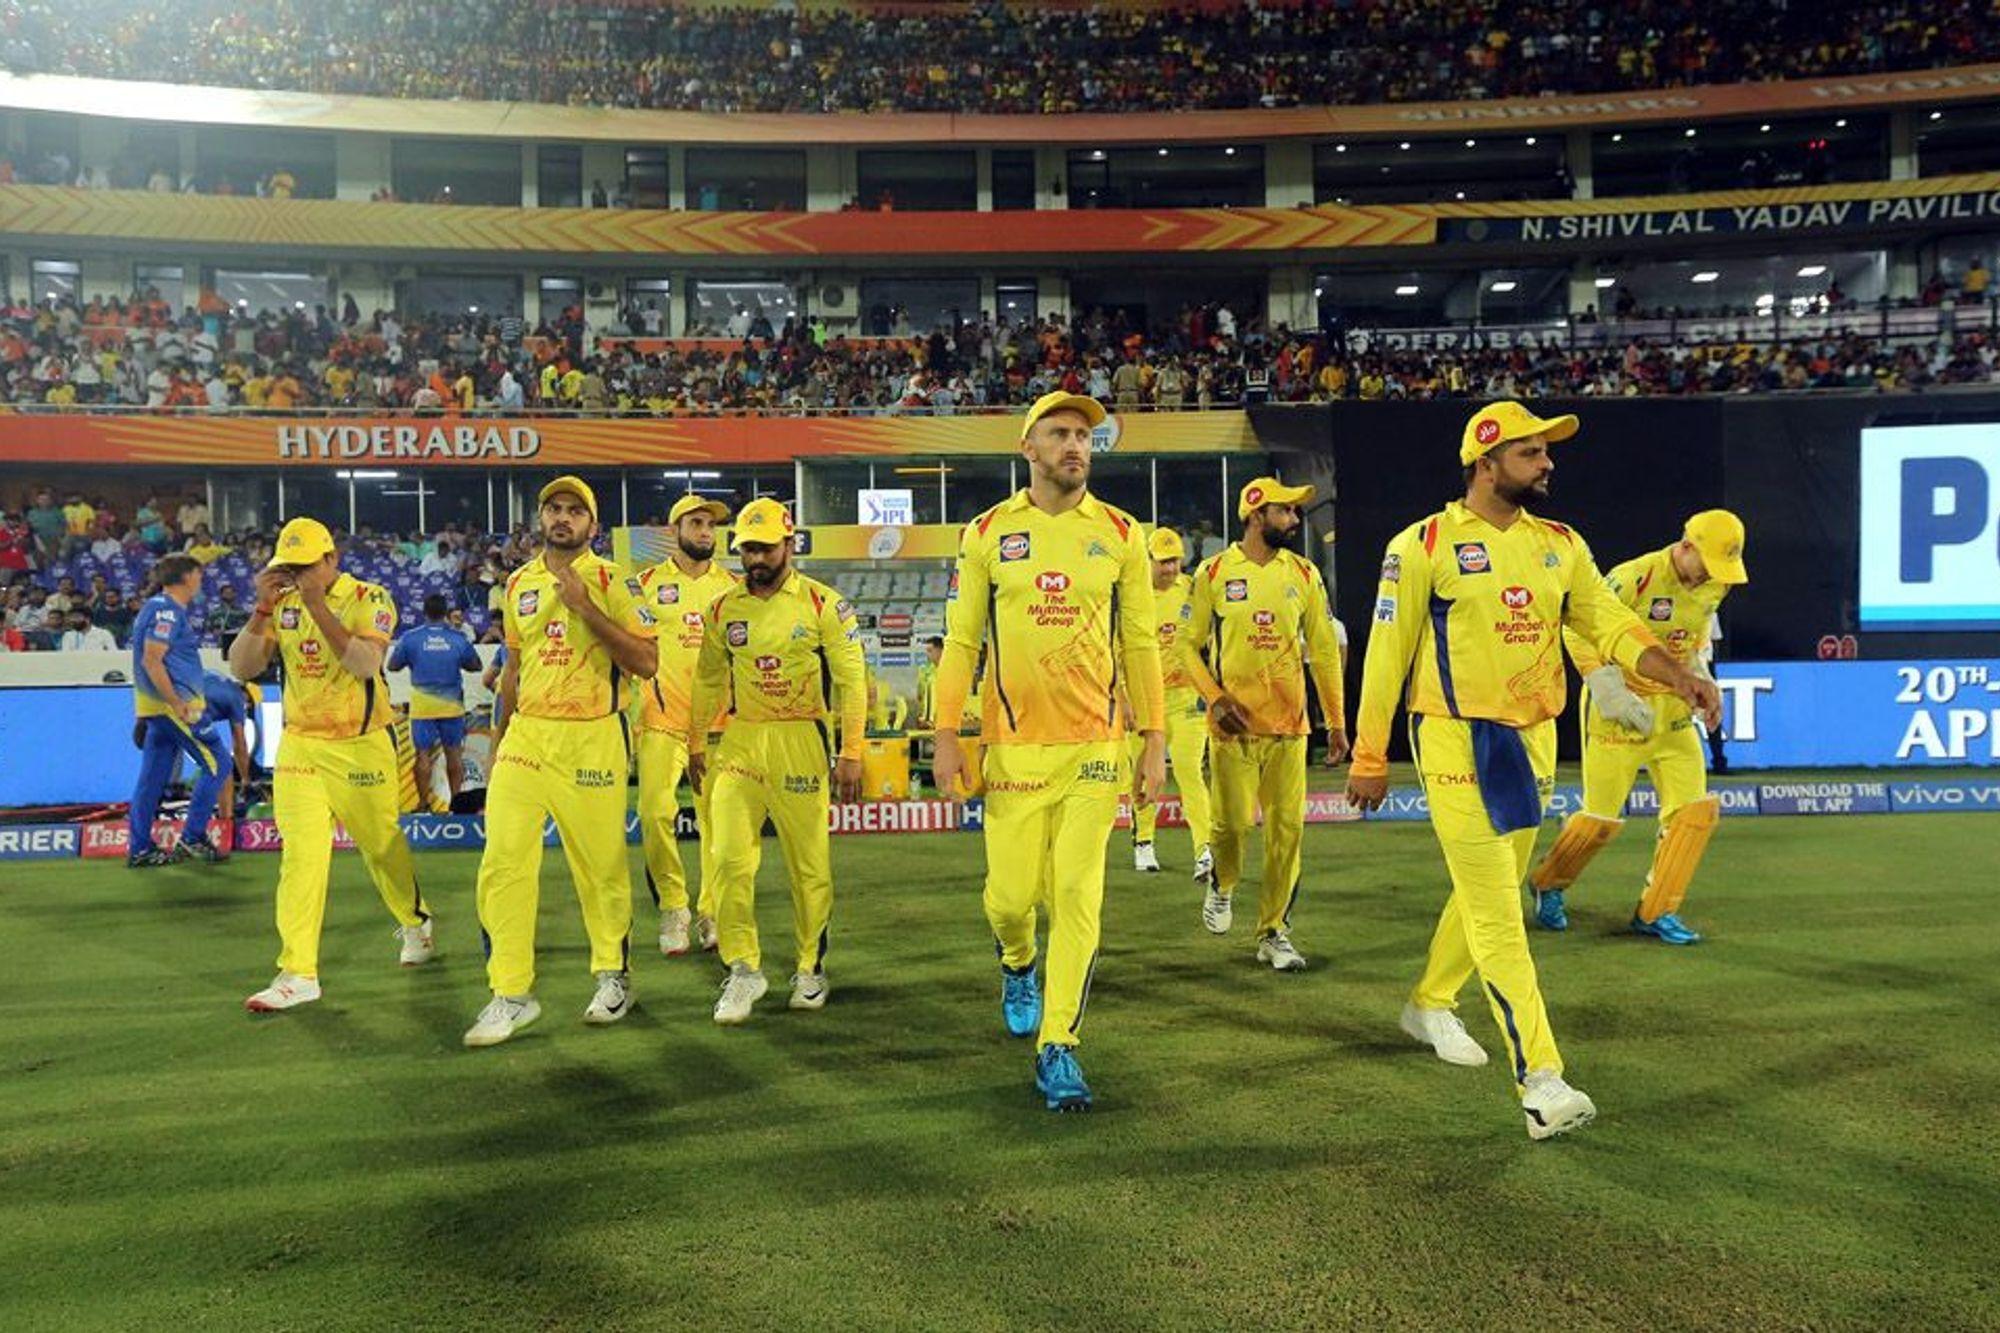 आईपीएल 2019 : महेंद्र सिंह धोनी ने लगया इस सीजन आईपीएल का अबतक का सबसे लम्बा छक्का 2